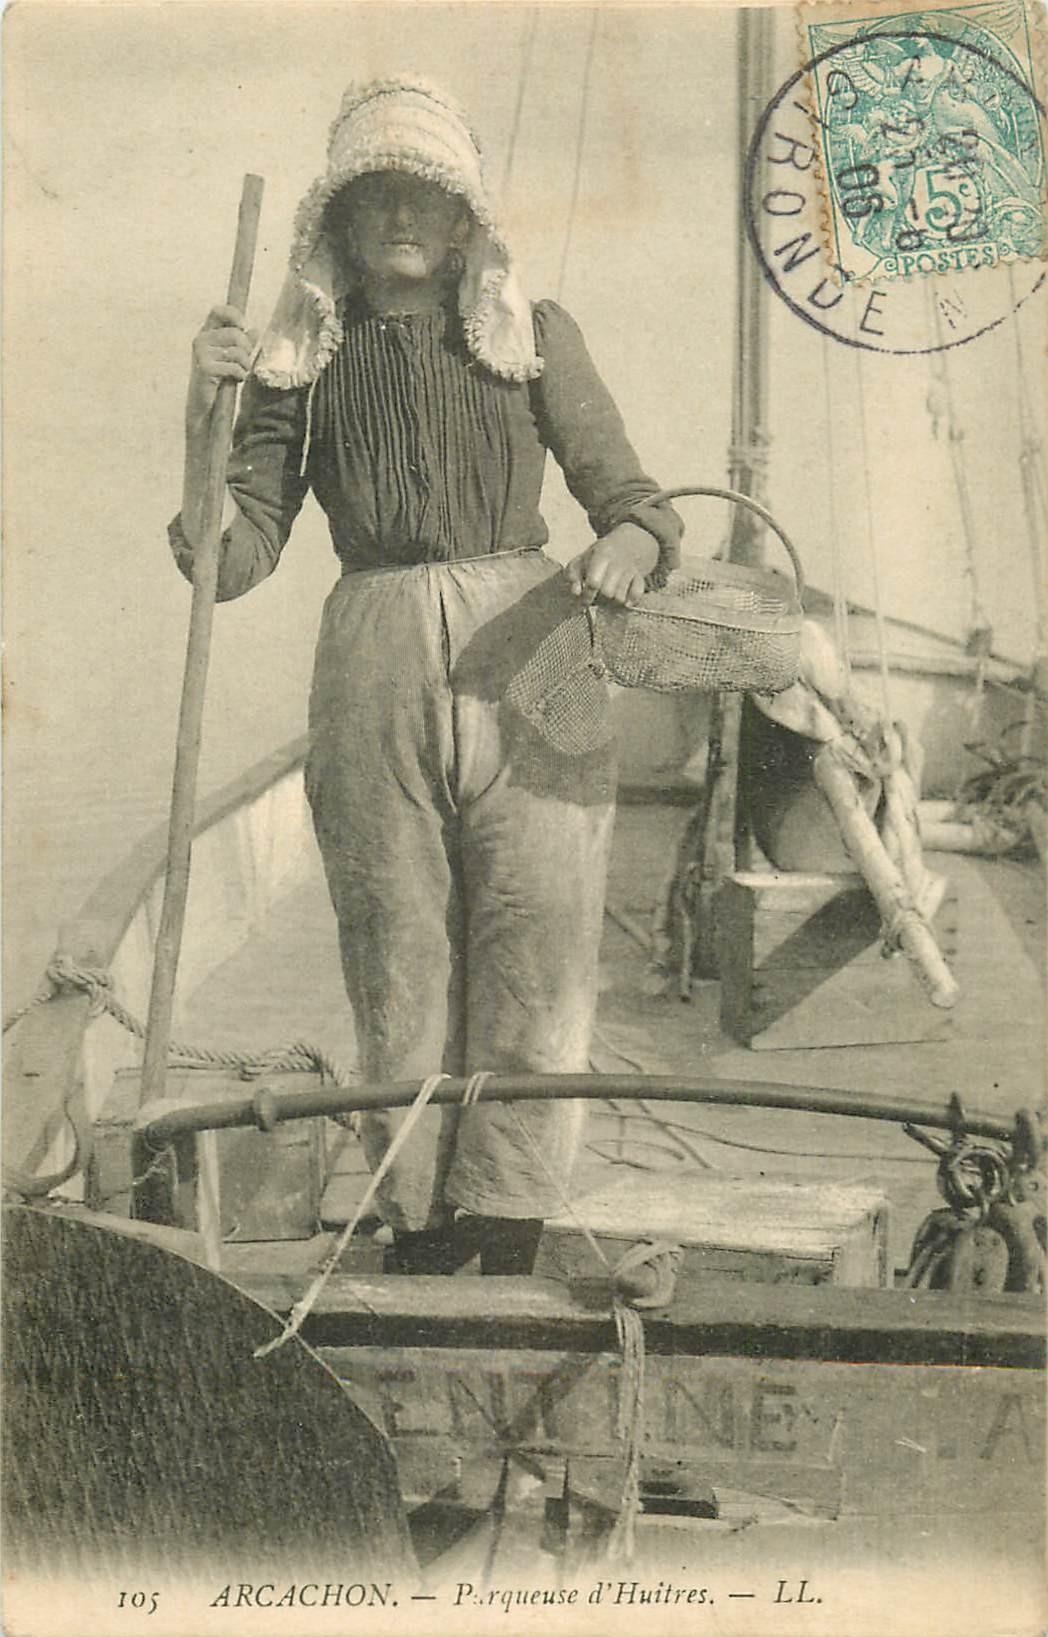 33 ARCACHON. Parqueuse d'Huîtres avec son bonnet 1906 en barque